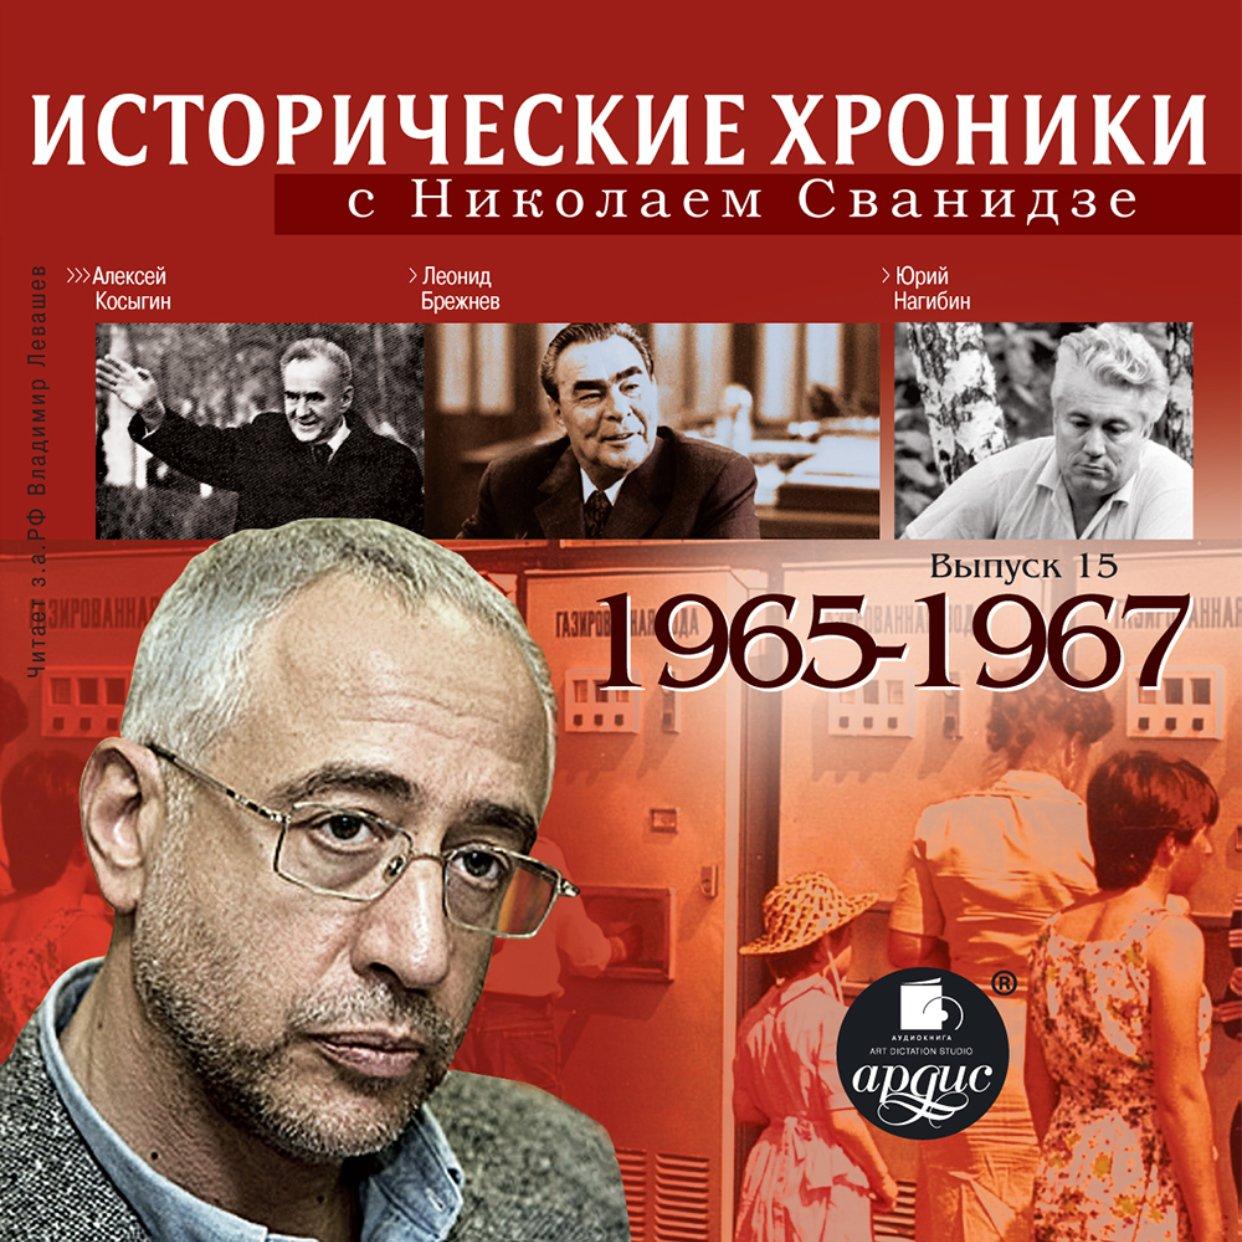 Исторические хроники с Николаем Сванидзе. Выпуск 15. 1965-1967гг.